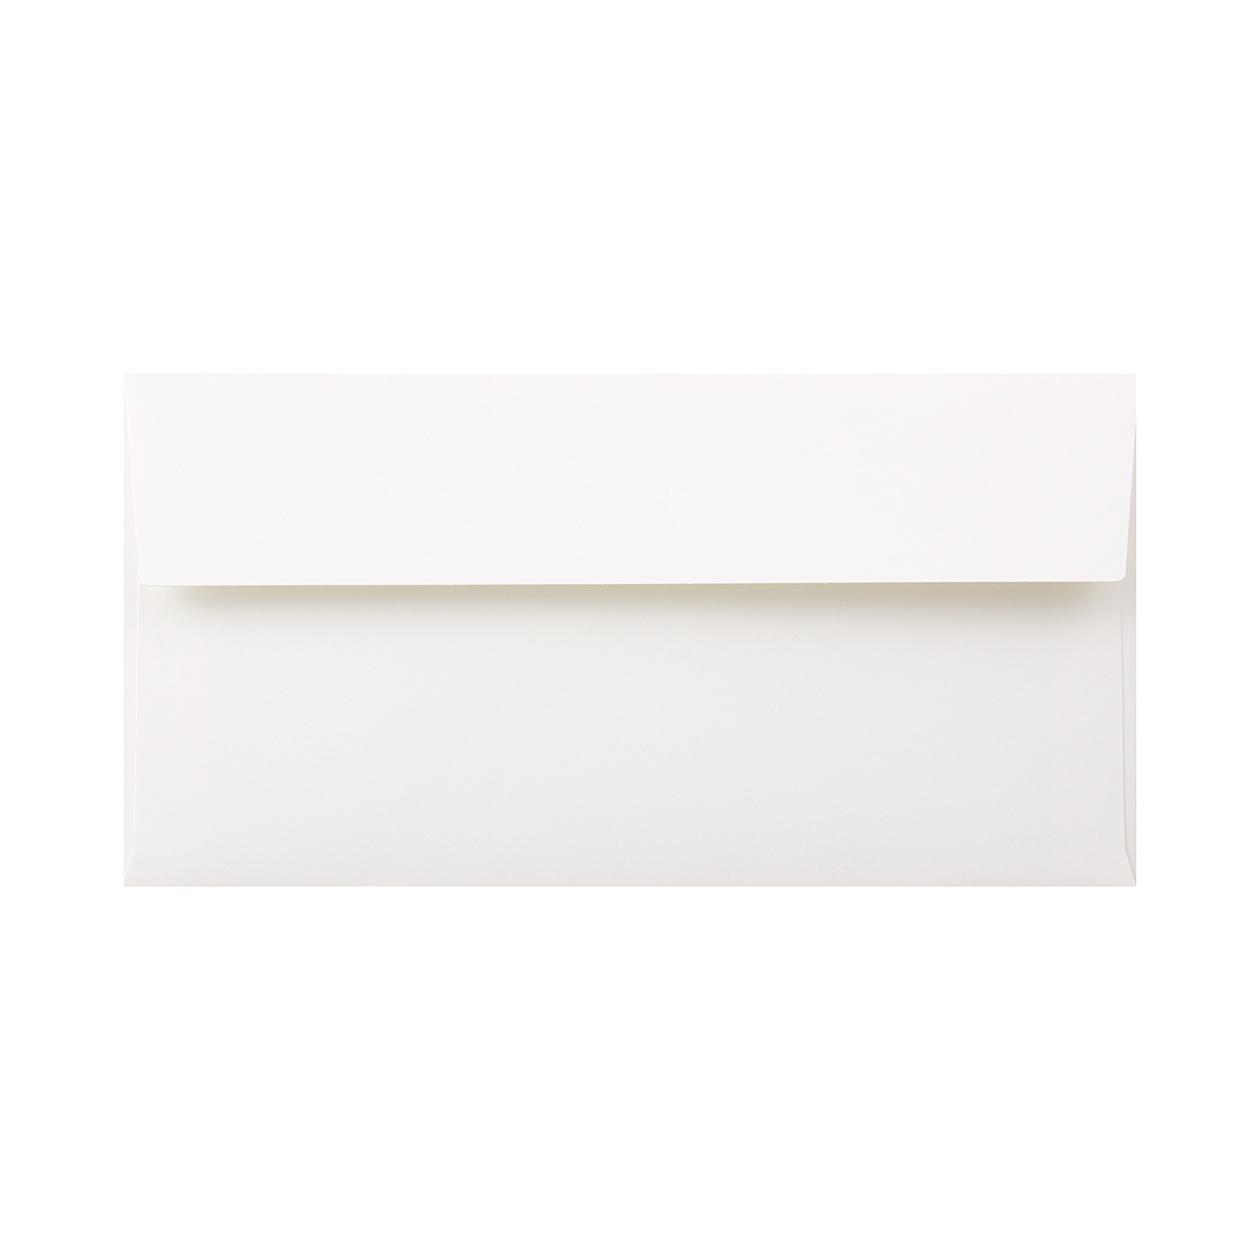 長3カマス封筒 コットン スノーホワイト 139.5g